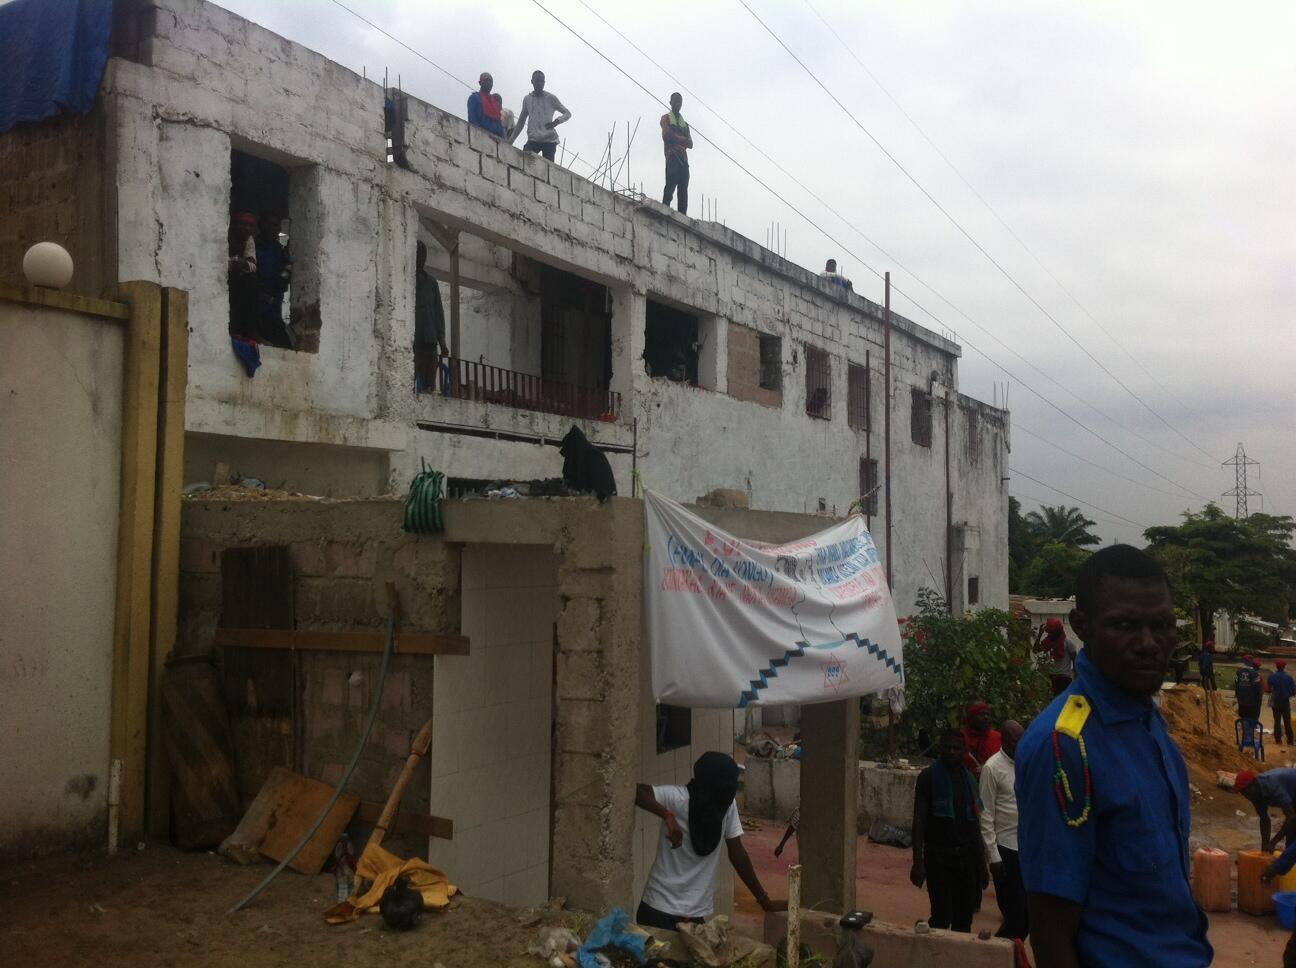 Moja ya makaazi ya kiongozi wa dhehebu la Bundu dia Kongo, Muanda Nsemi, wilayani Ngaliema katika kata ya Joli Parc mjini Kinshasa. Makaazi haya yamezingirwa na polisi , Februari 14, 2017.